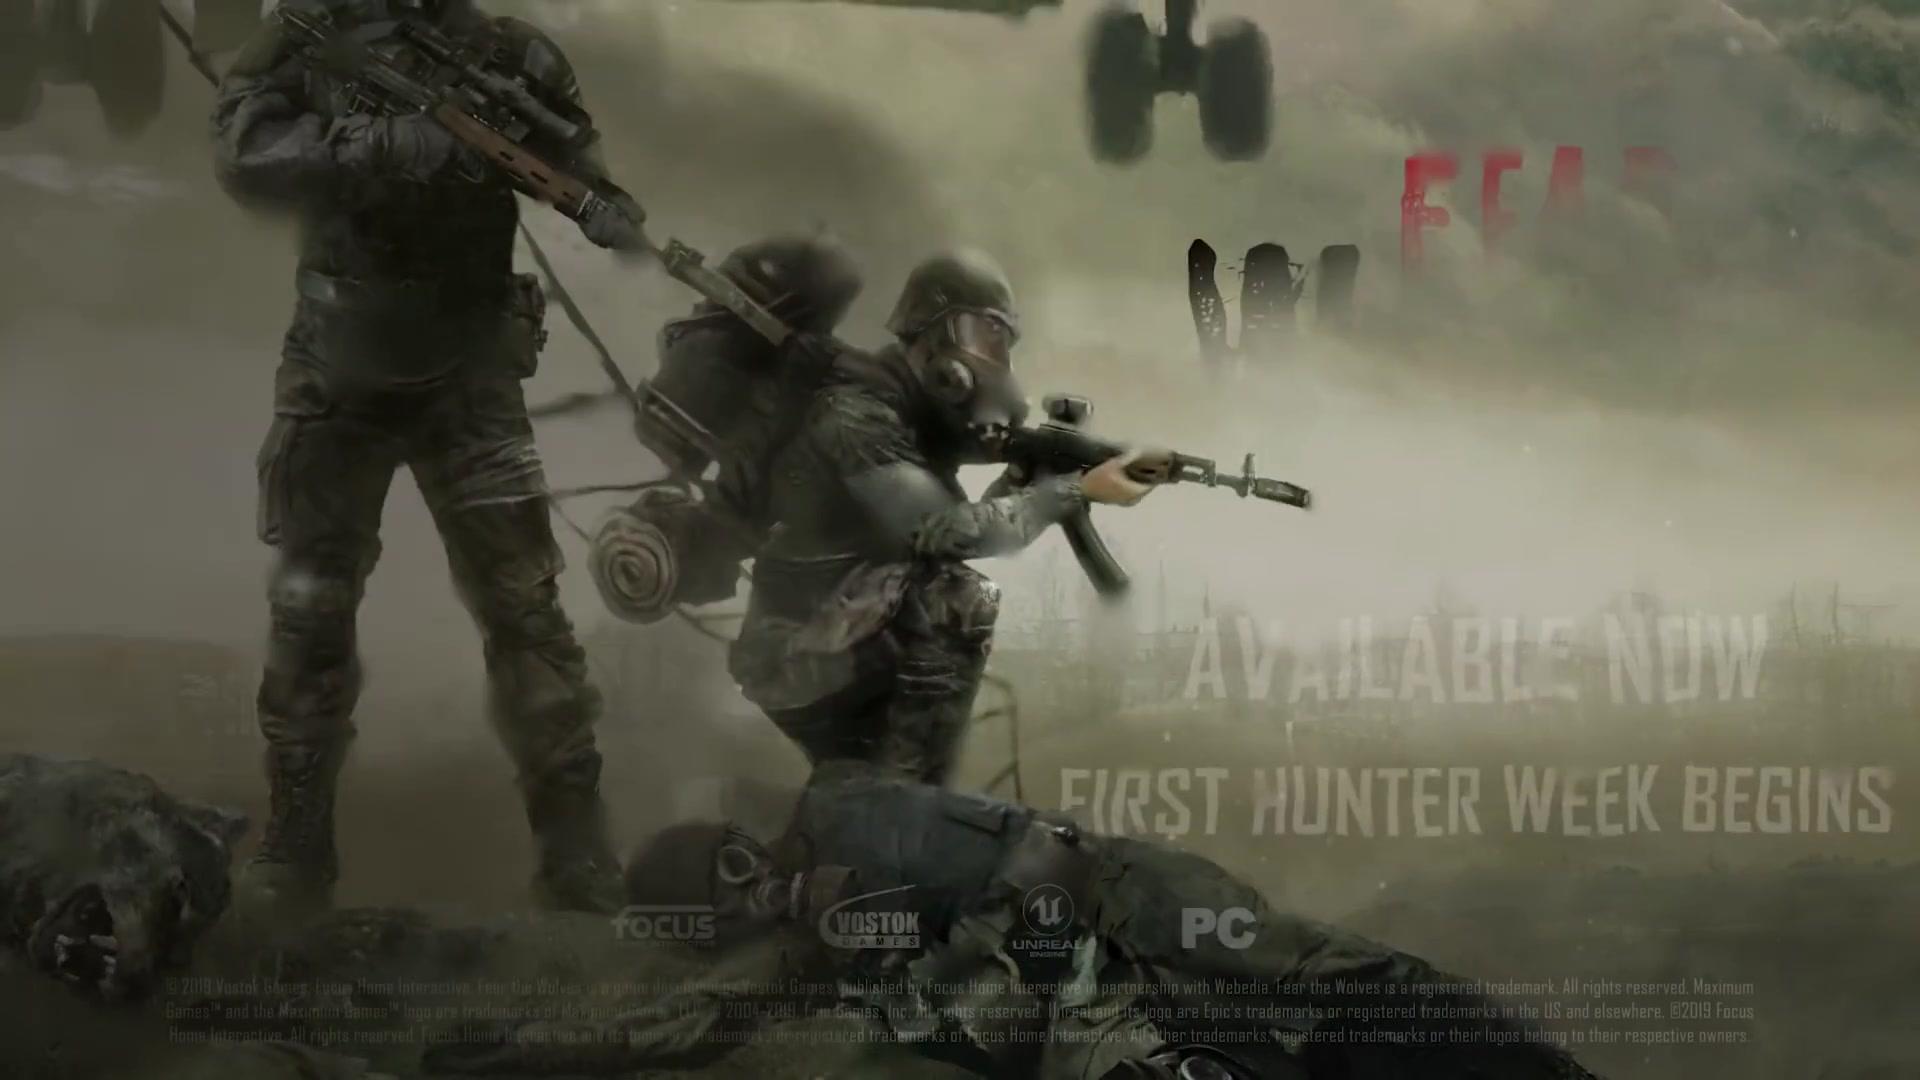 大逃杀新作《恐惧狼群》升级正式版 周末免费试玩